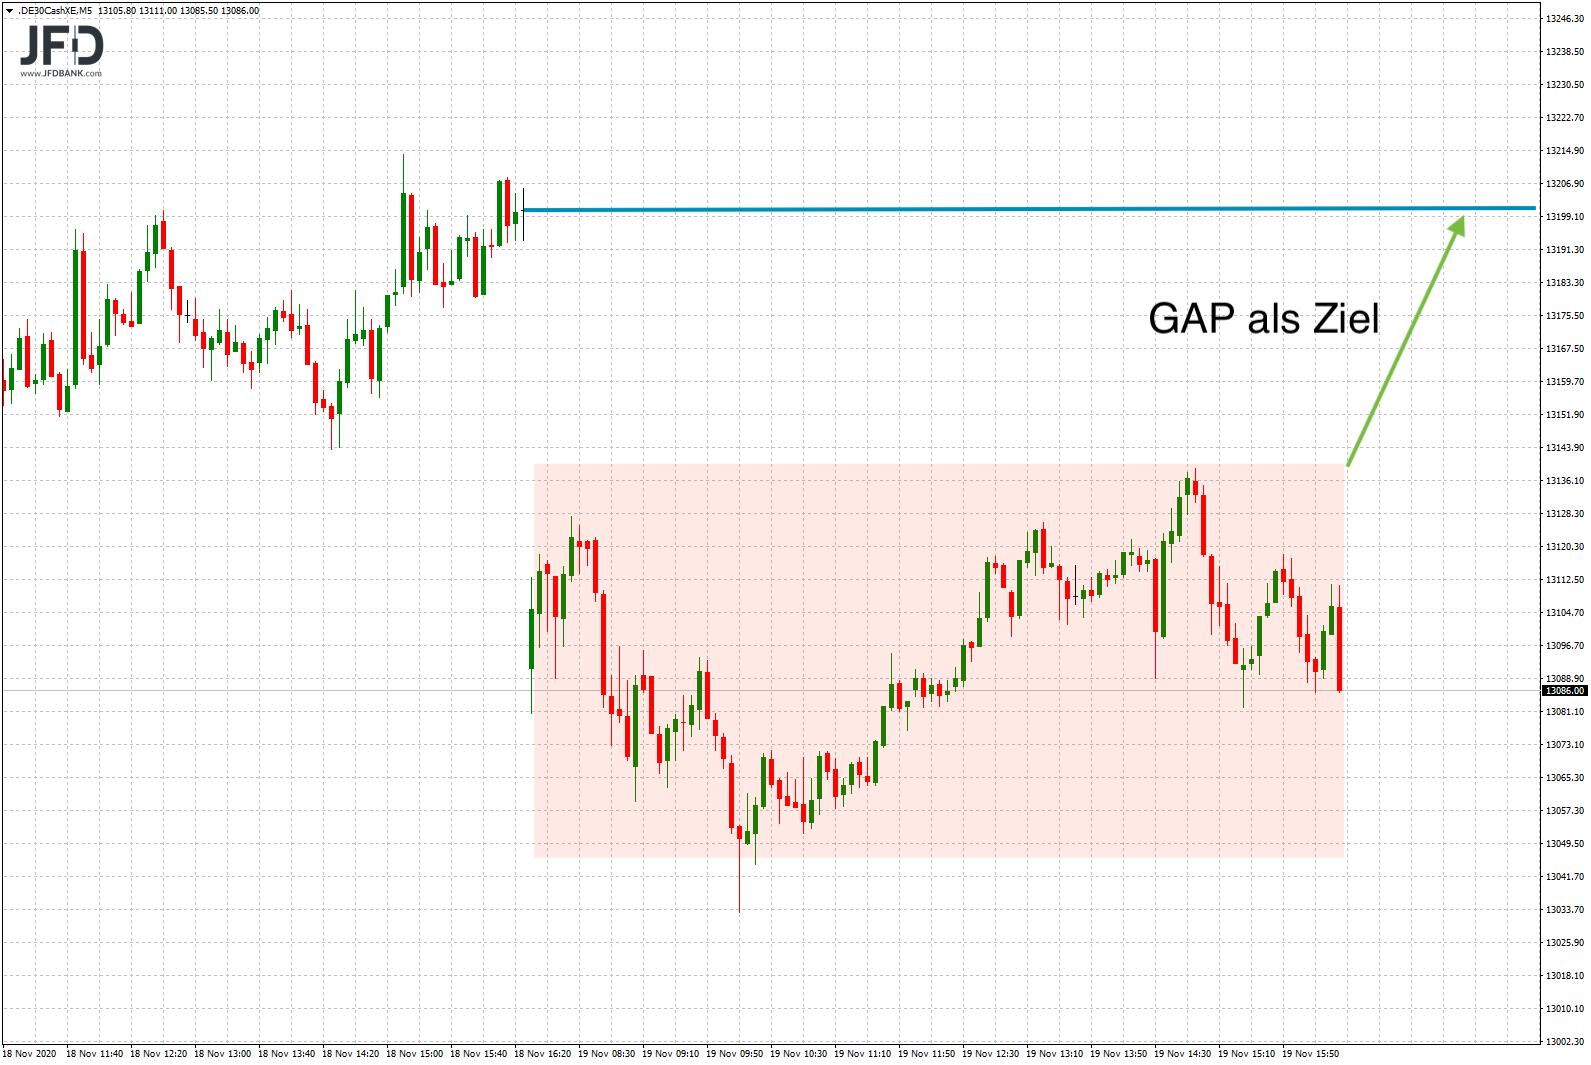 Gleiche-Voraussetzungen-um-DAX-wie-gestern-Kommentar-JFD-Bank-GodmodeTrader.de-5